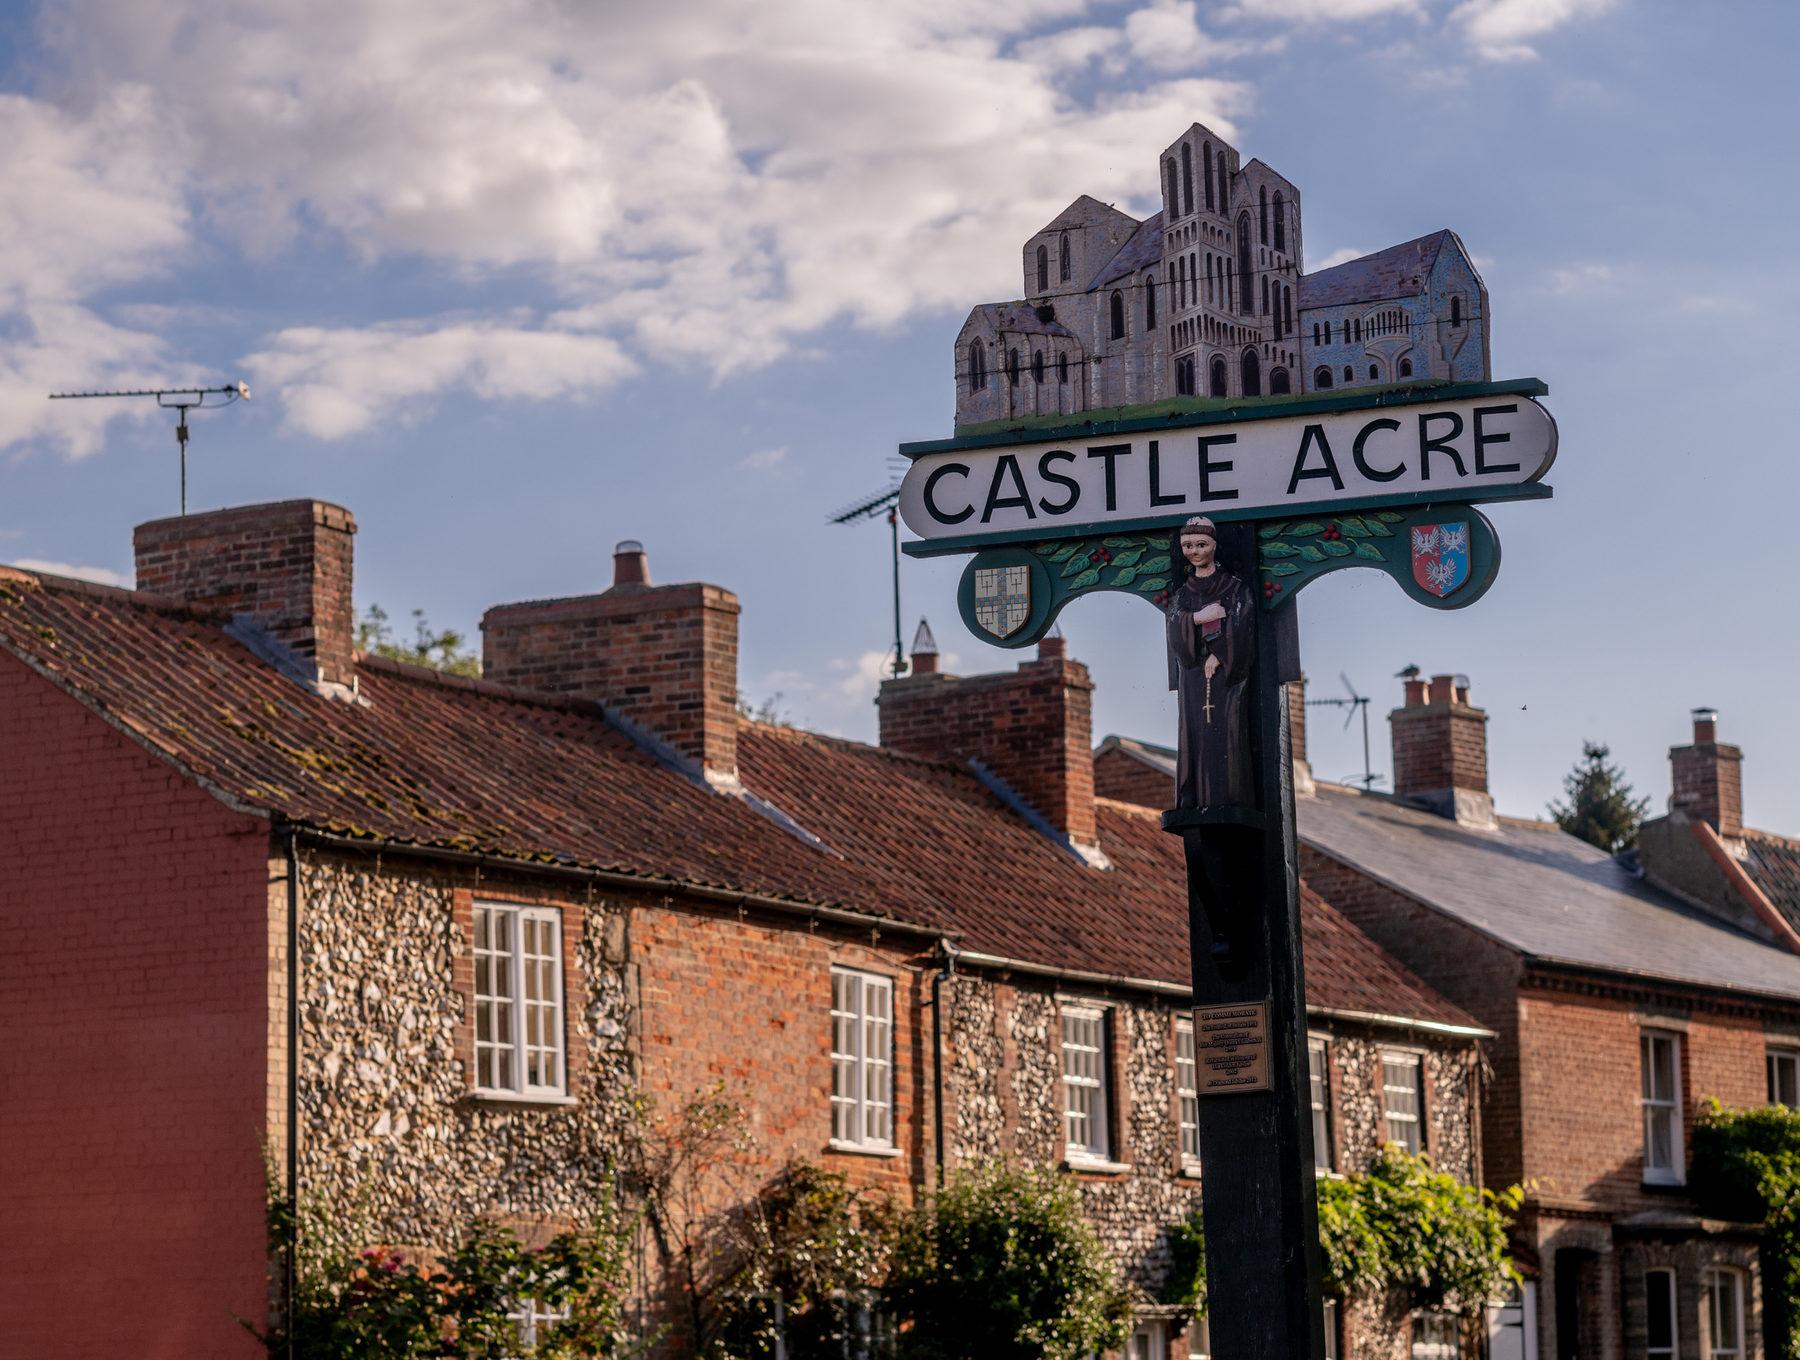 016 Castle Acre Village 2018